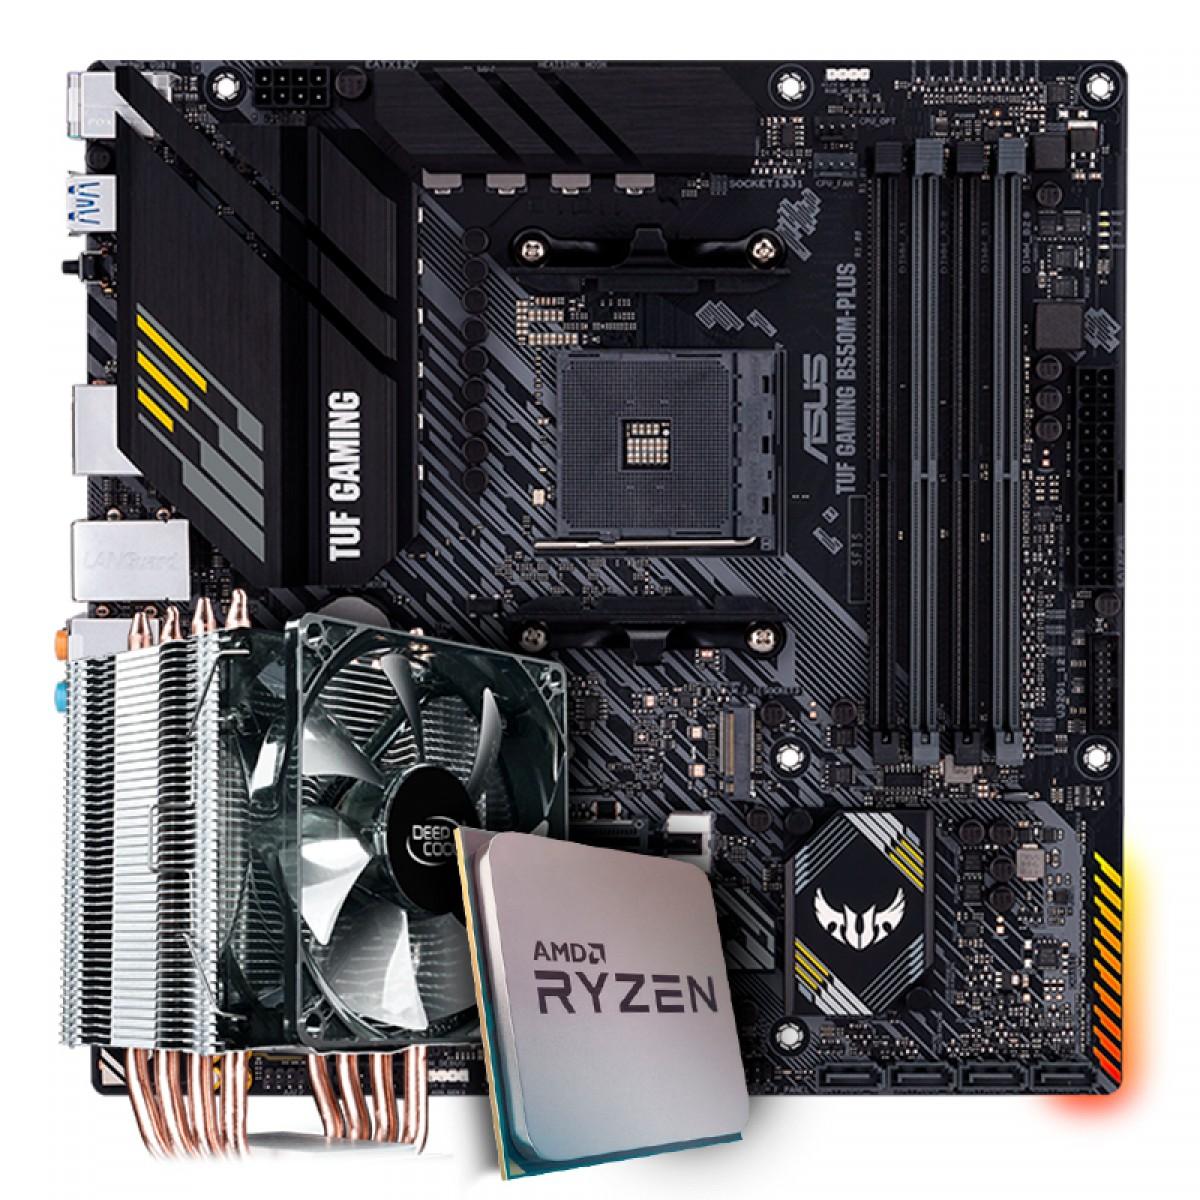 Kit Upgrade, AMD Ryzen 7 3800X, Asus TUF Gaming B550M-Plus Wi-fi, Cooler Deepcool Gammaxx